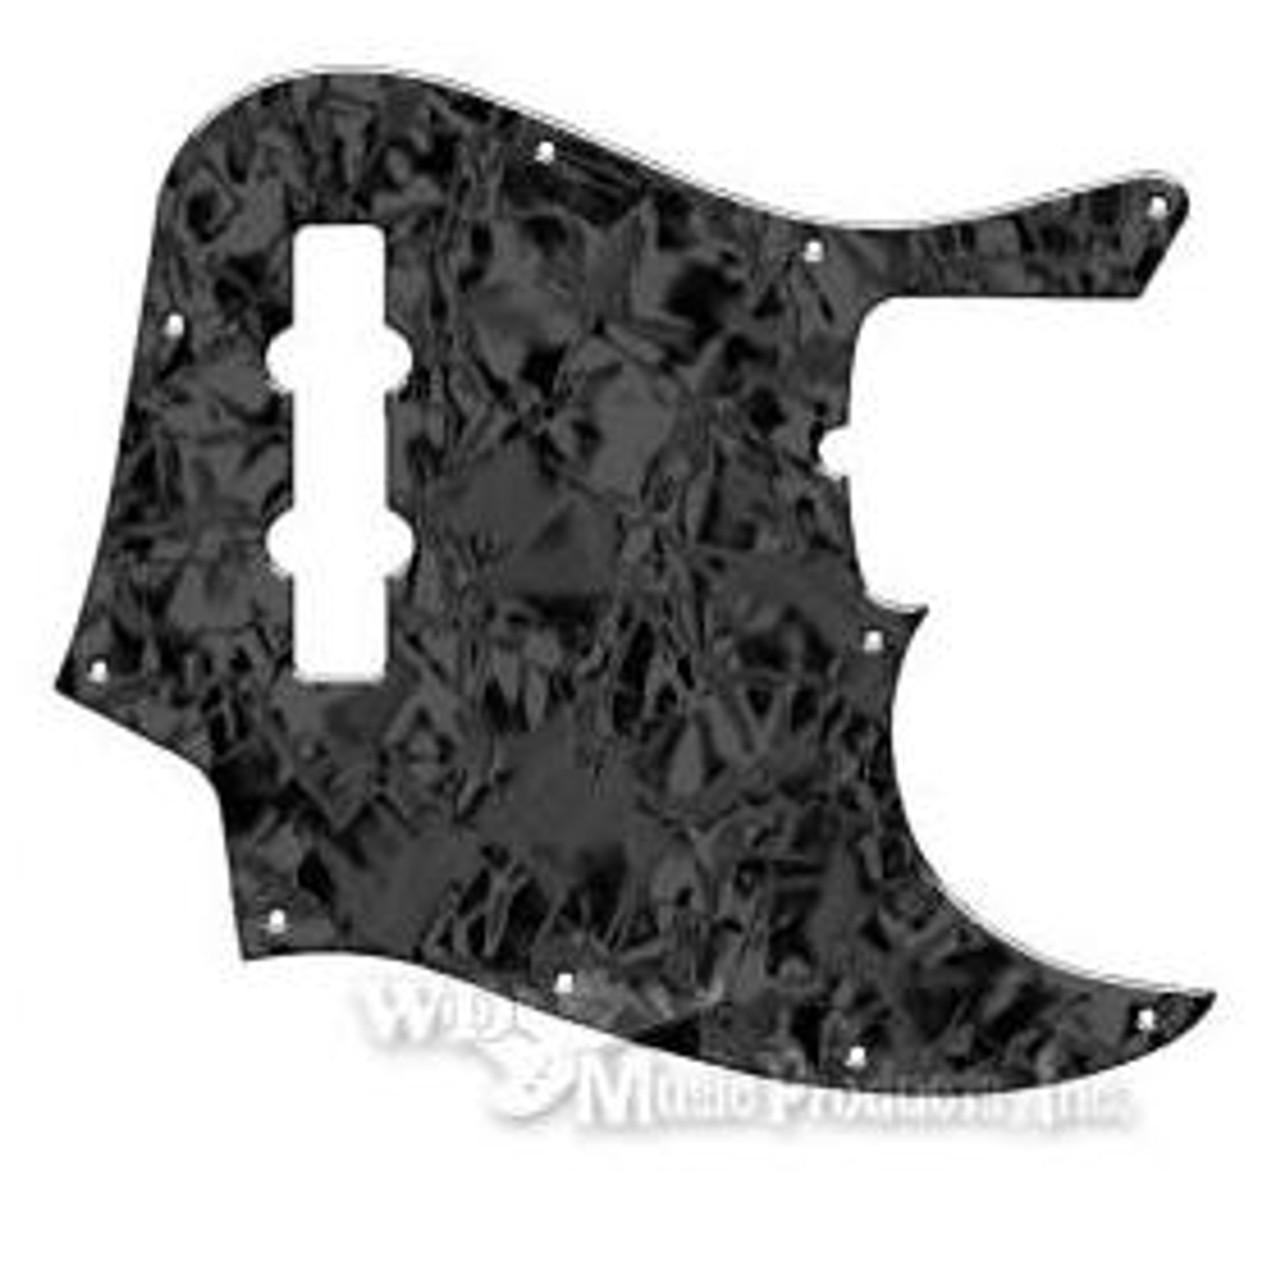 American Standard Jazz Bass Pickguard-3Ply Black Pearl